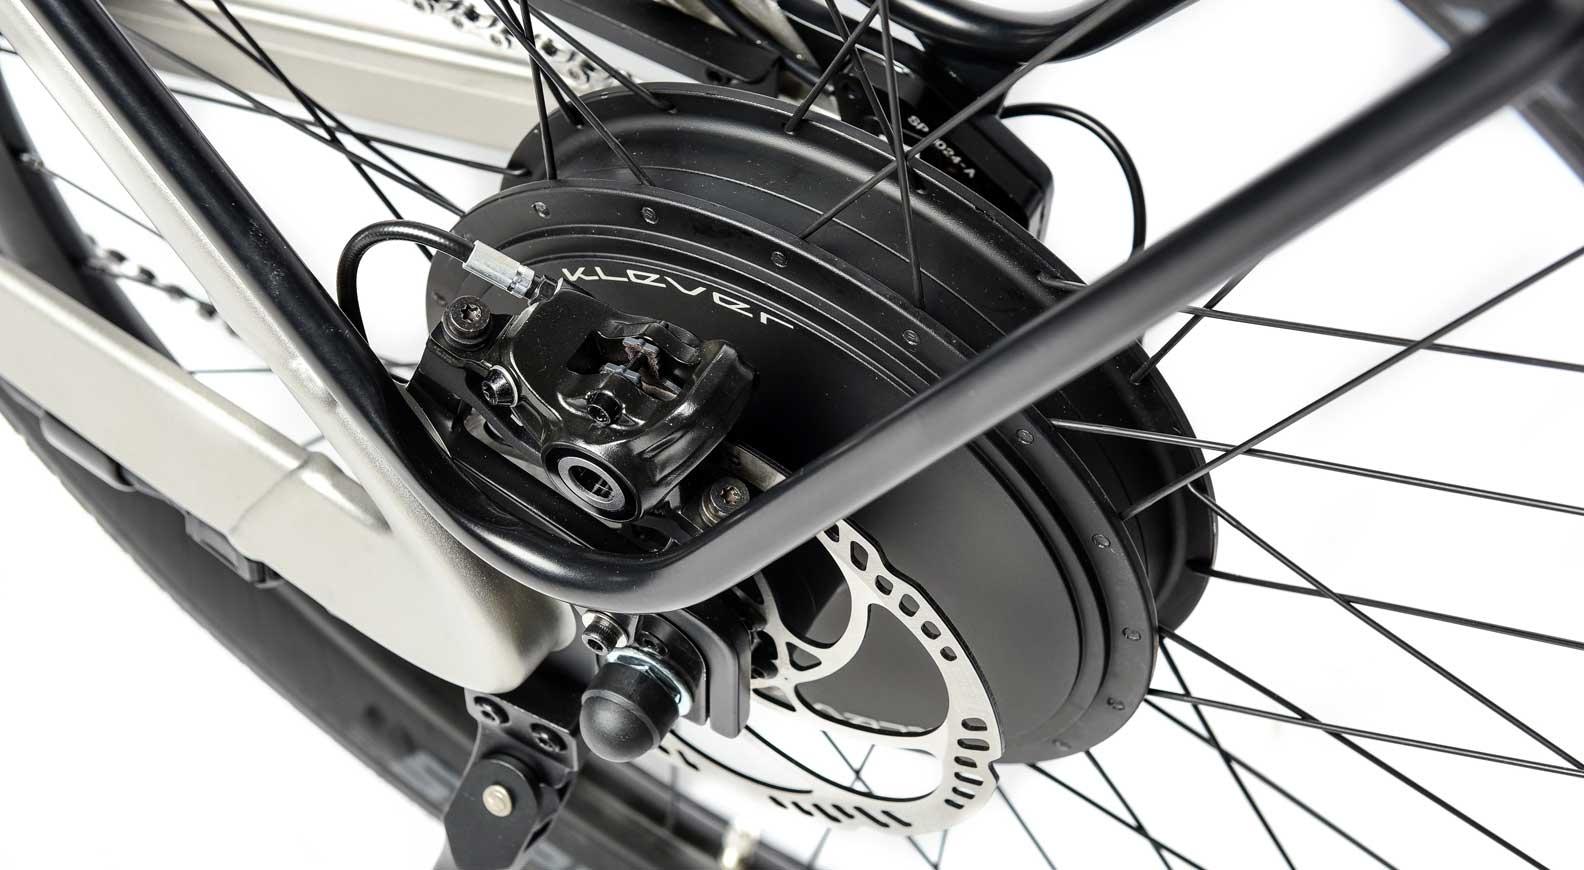 Der Hecknabenantrieb des Klever X-Speed mit 600 W Nenndauerleistung